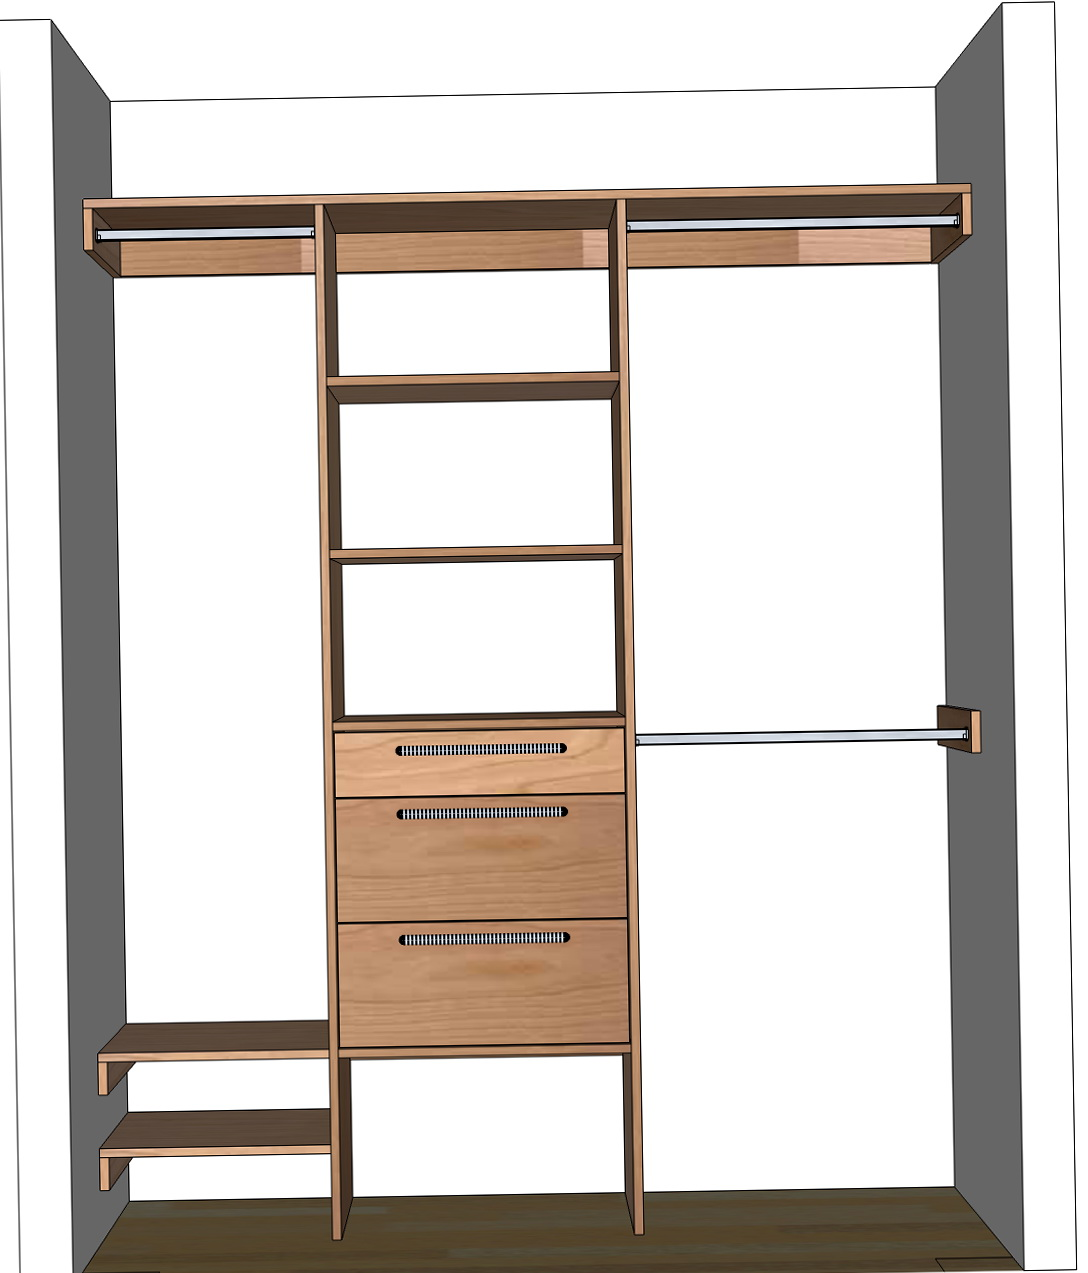 Diy closet storage system home design ideas for Closet system ideas